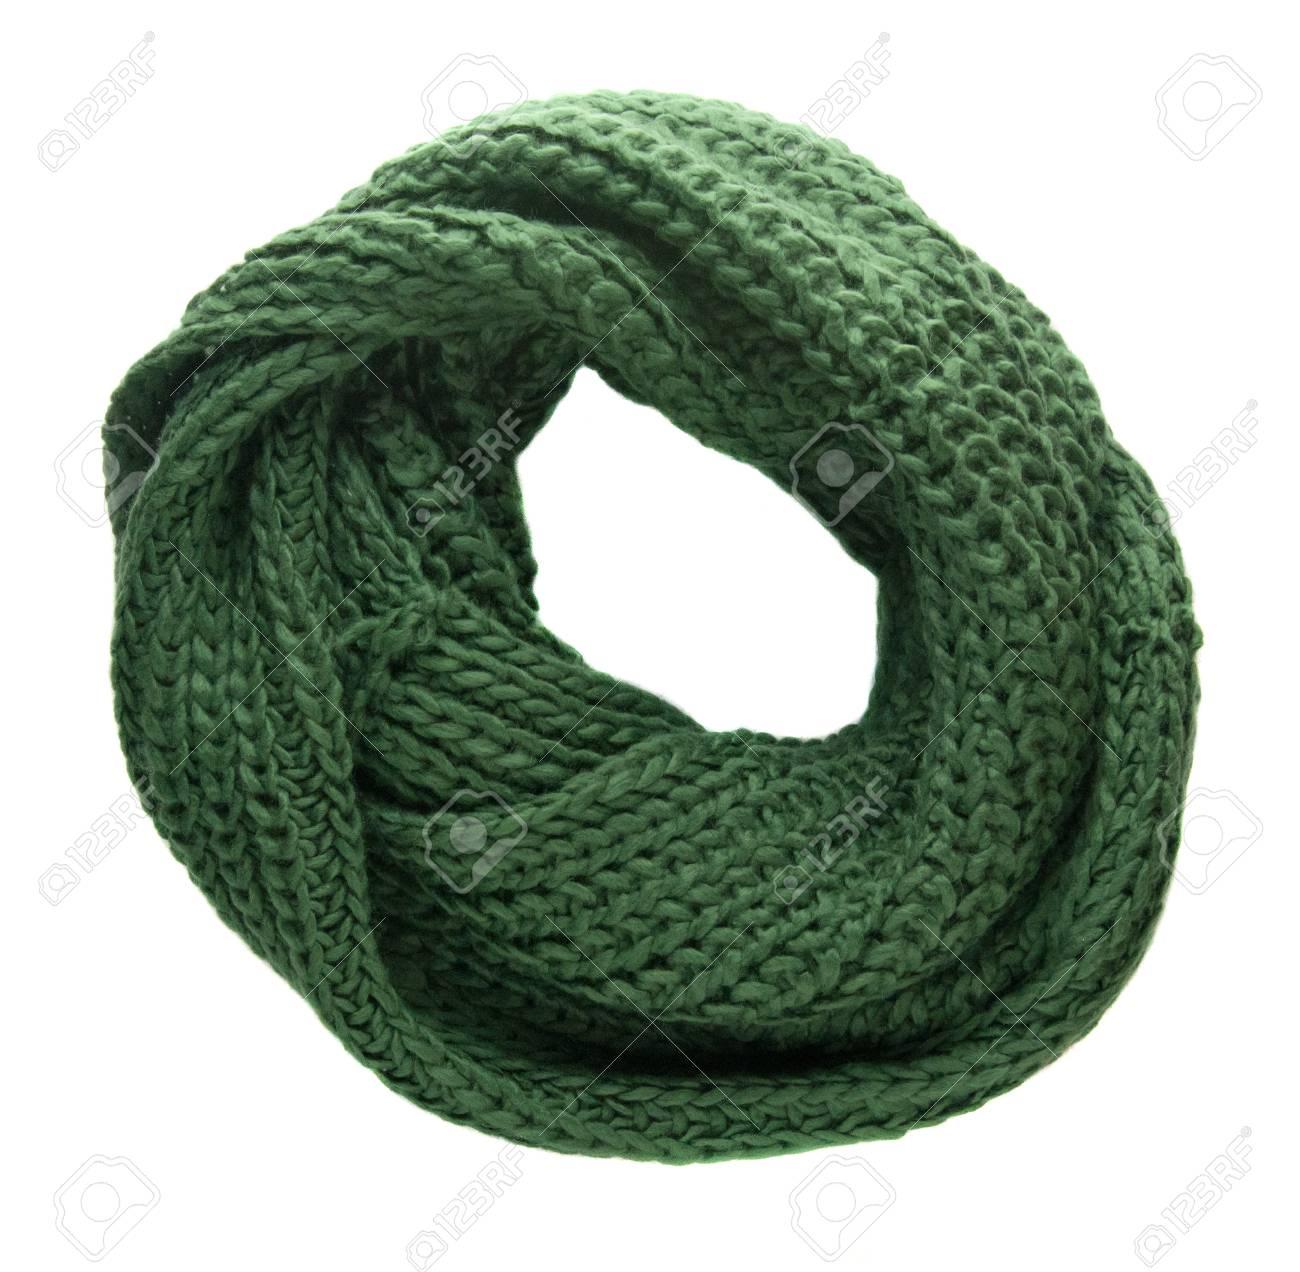 la mejor actitud 31466 4f506 Bufanda aislada en el fondo blanco. Vista superior del pañuelo. Bufanda  verde.